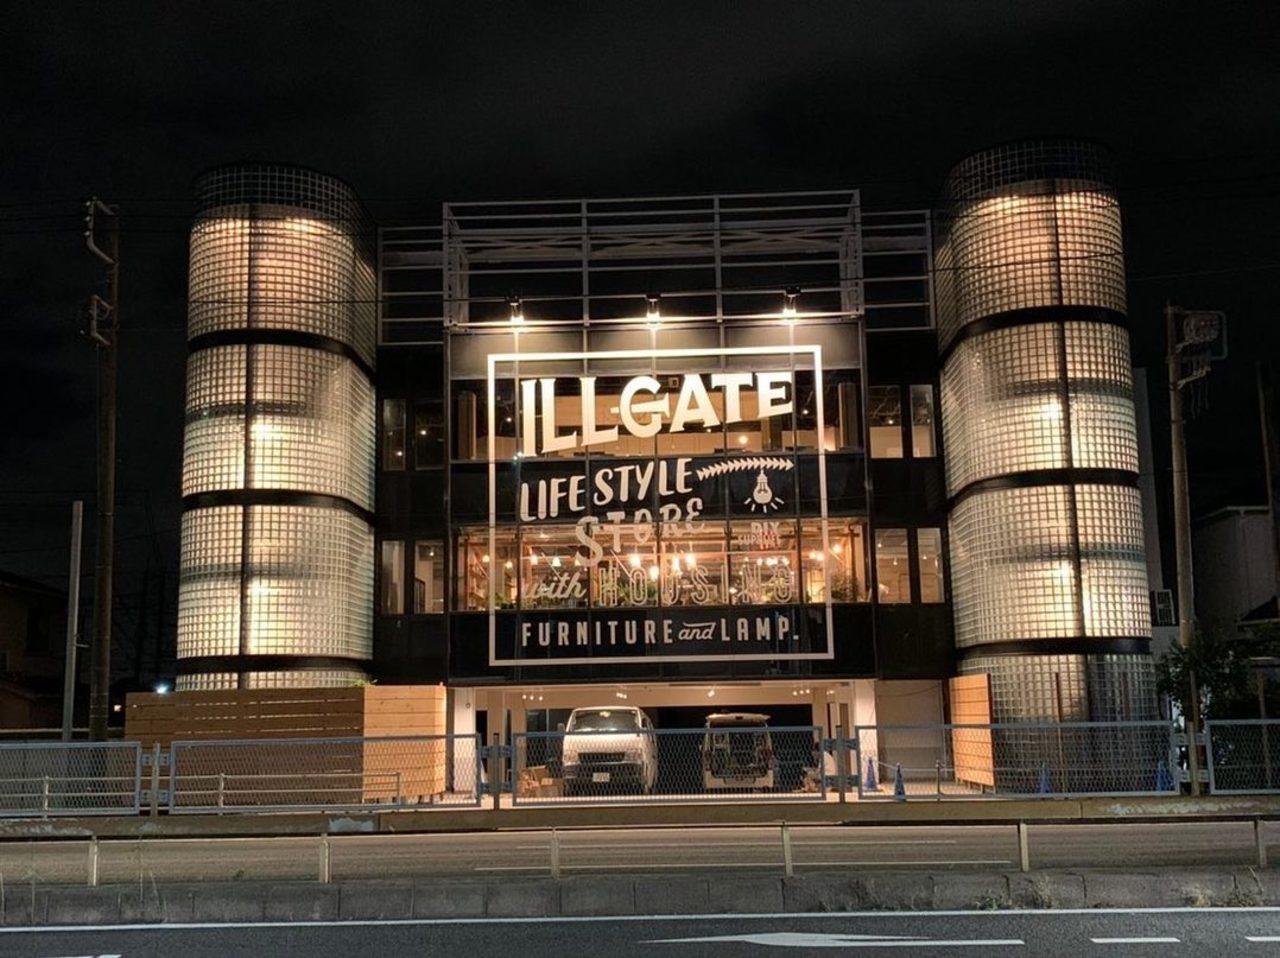 【 イルゲート厚木店 】ライフスタイルストア(神奈川県厚木市)9/1グランドオープン